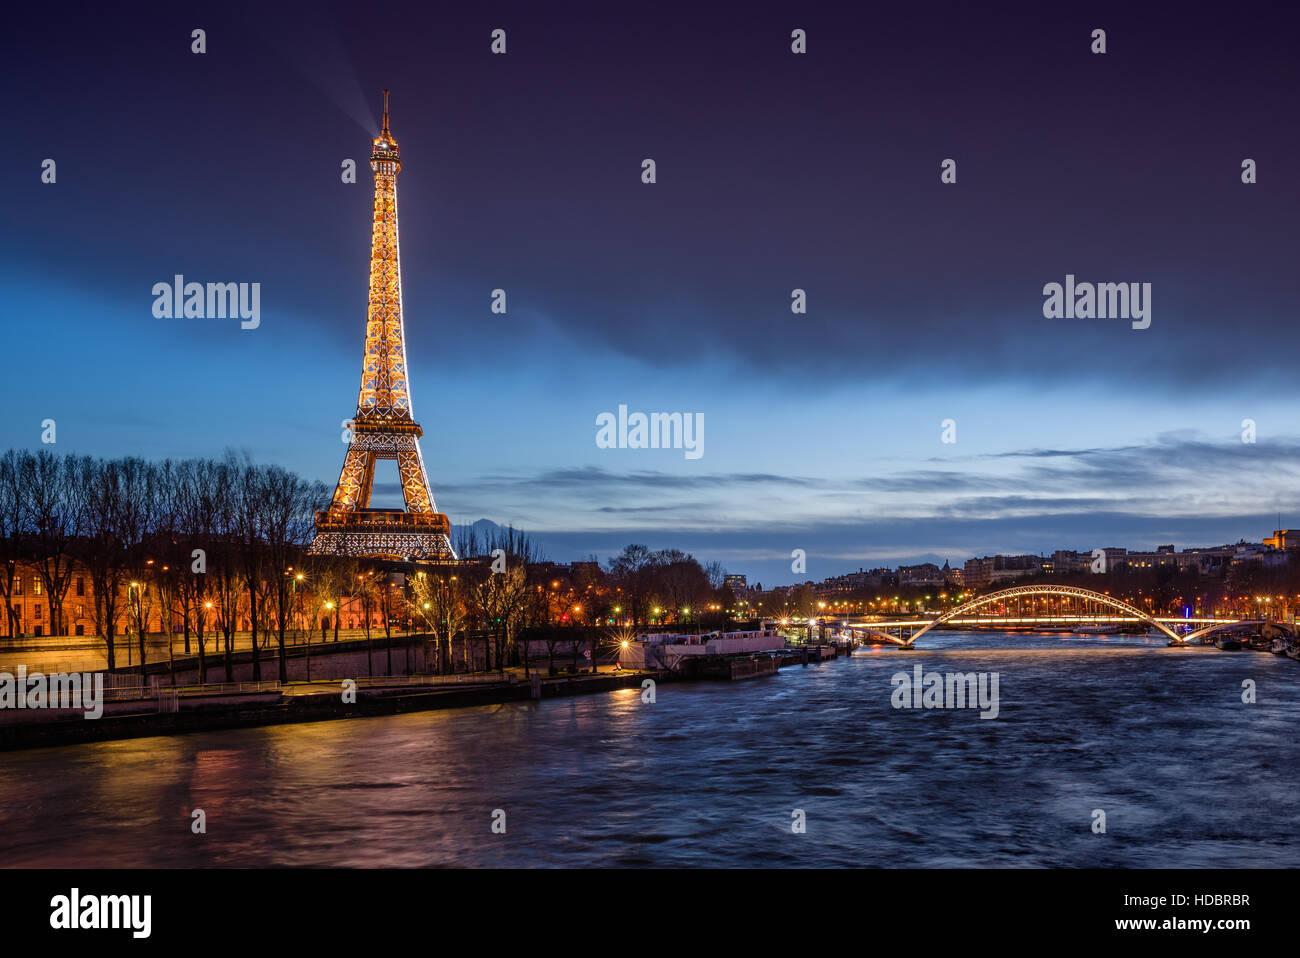 La torre Eiffel iluminada al atardecer a orillas del río Sena y la Pasarela Debilly. París, Francia Imagen De Stock